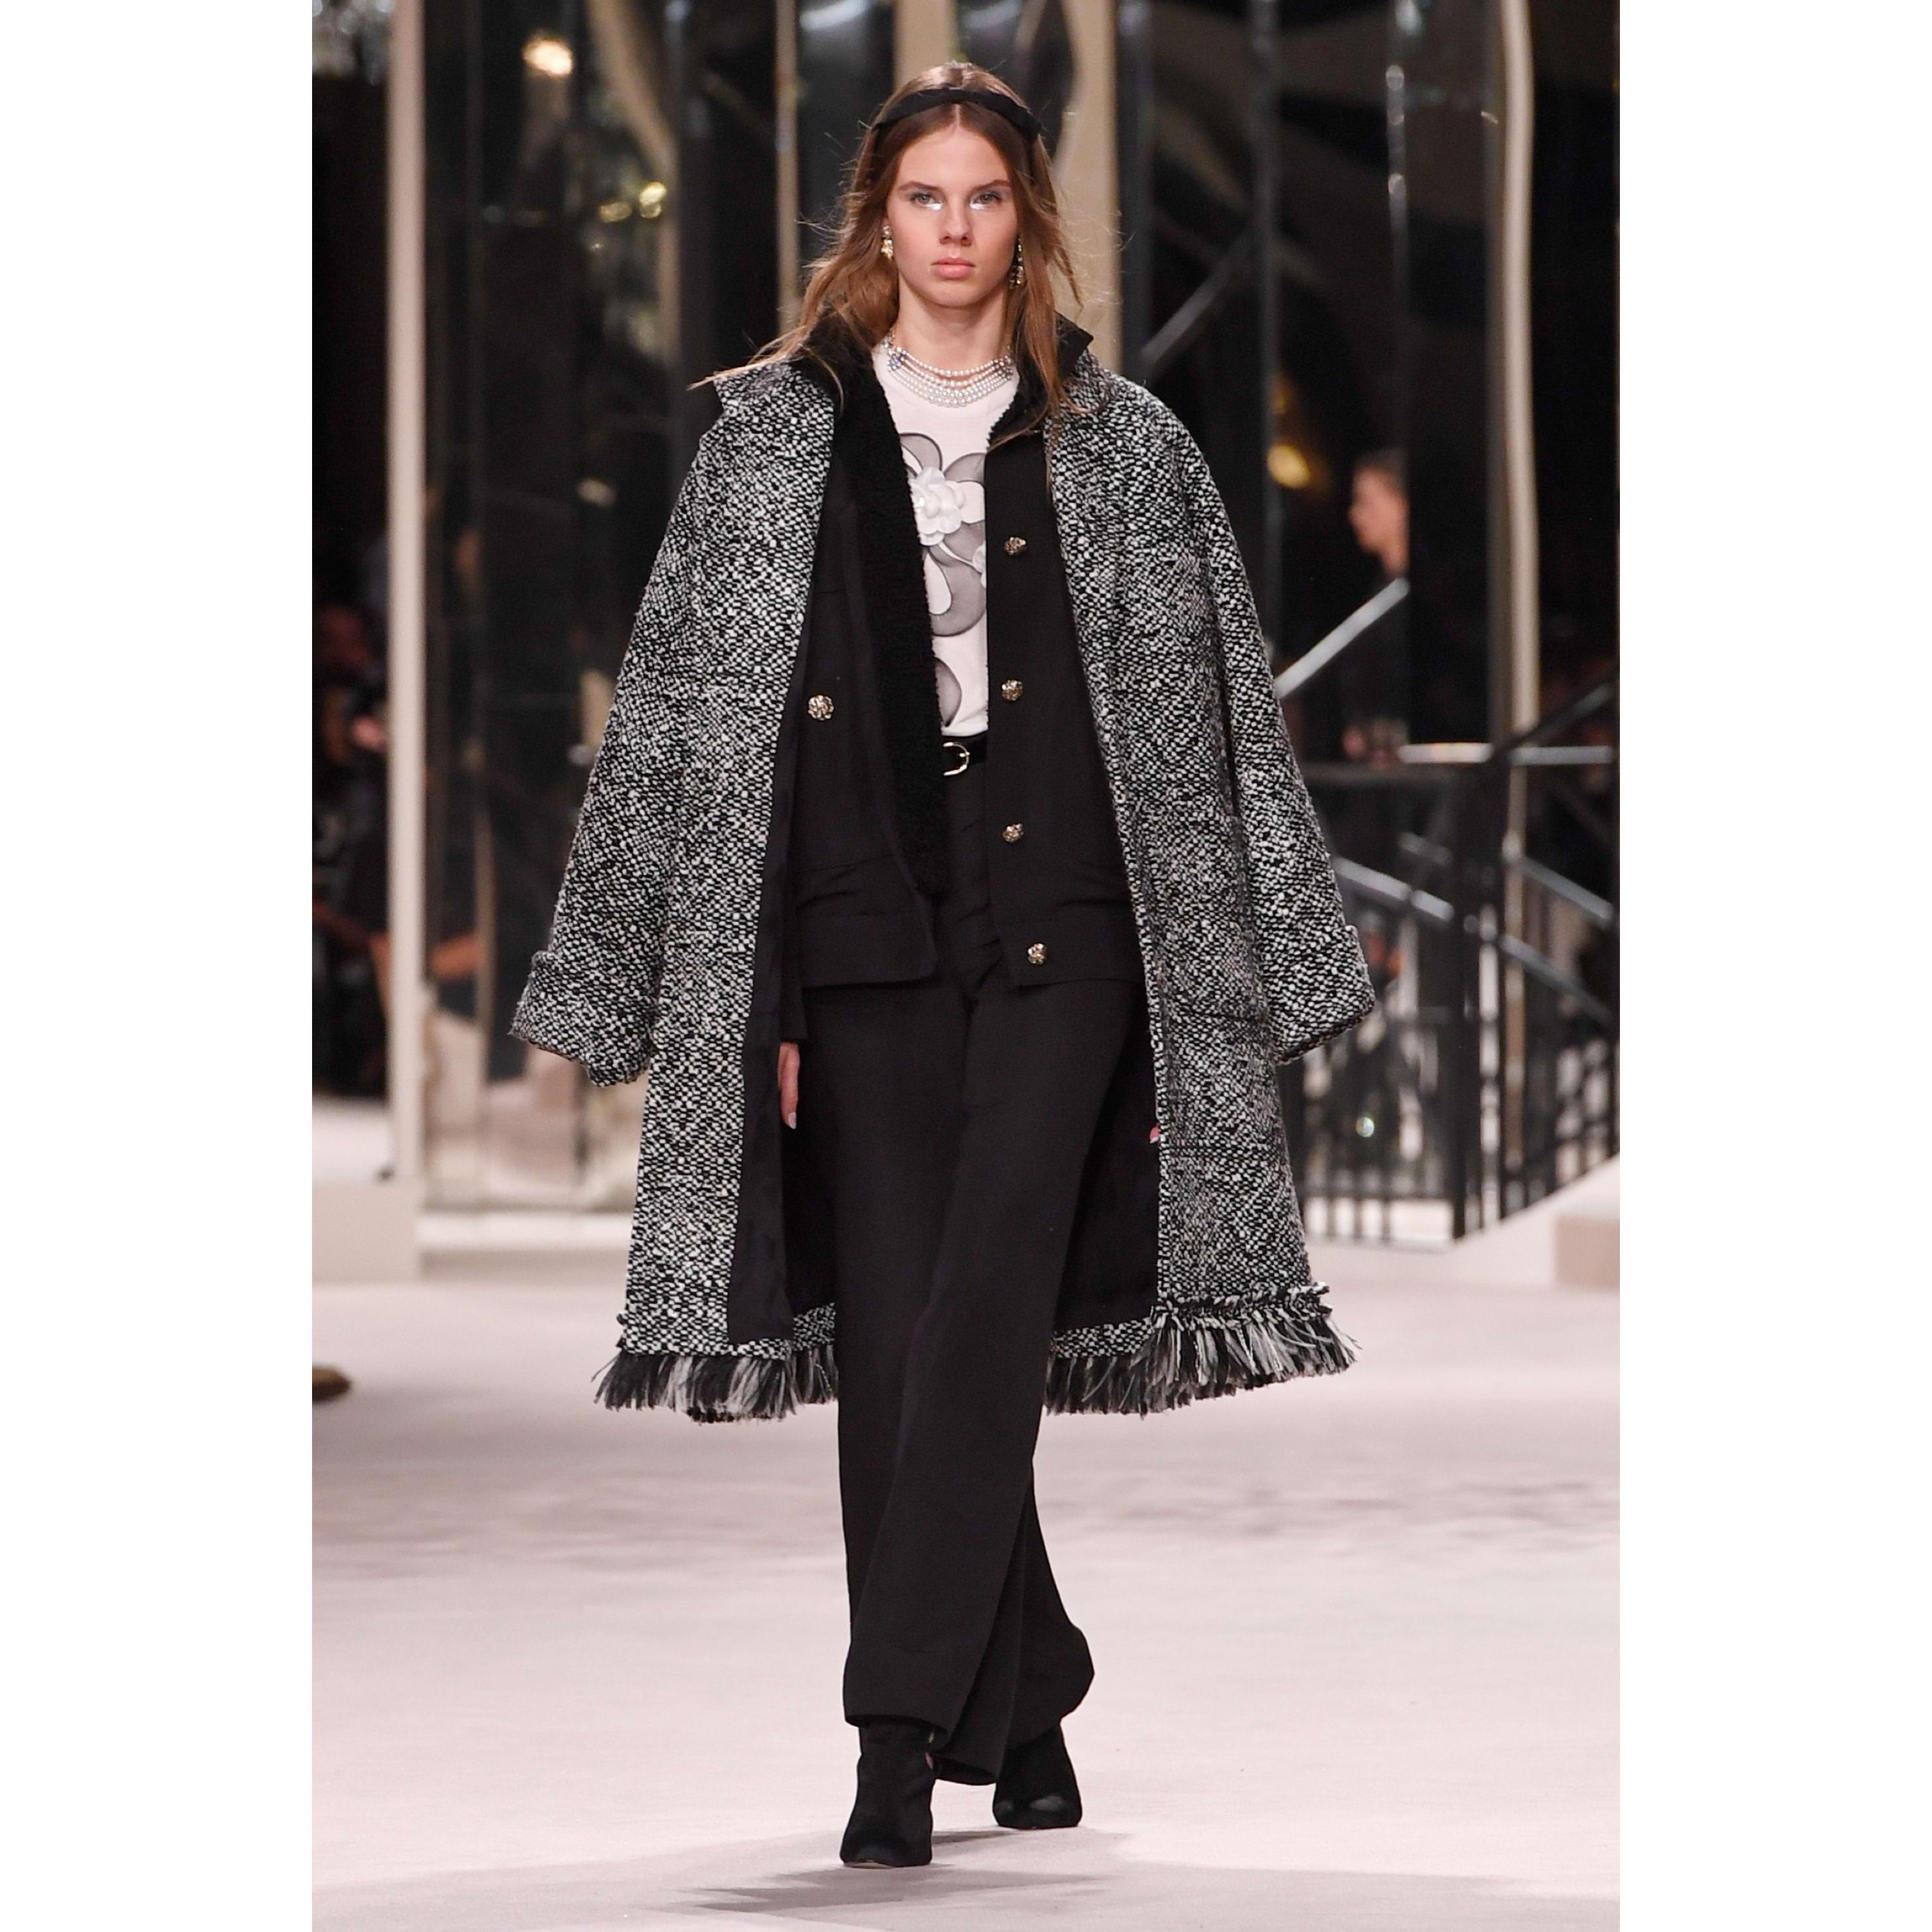 Spodnie - Kolor czarny - Bawełna i jedwab - CHANEL - Widok domyślny – zobacz w standardowym rozmiarze